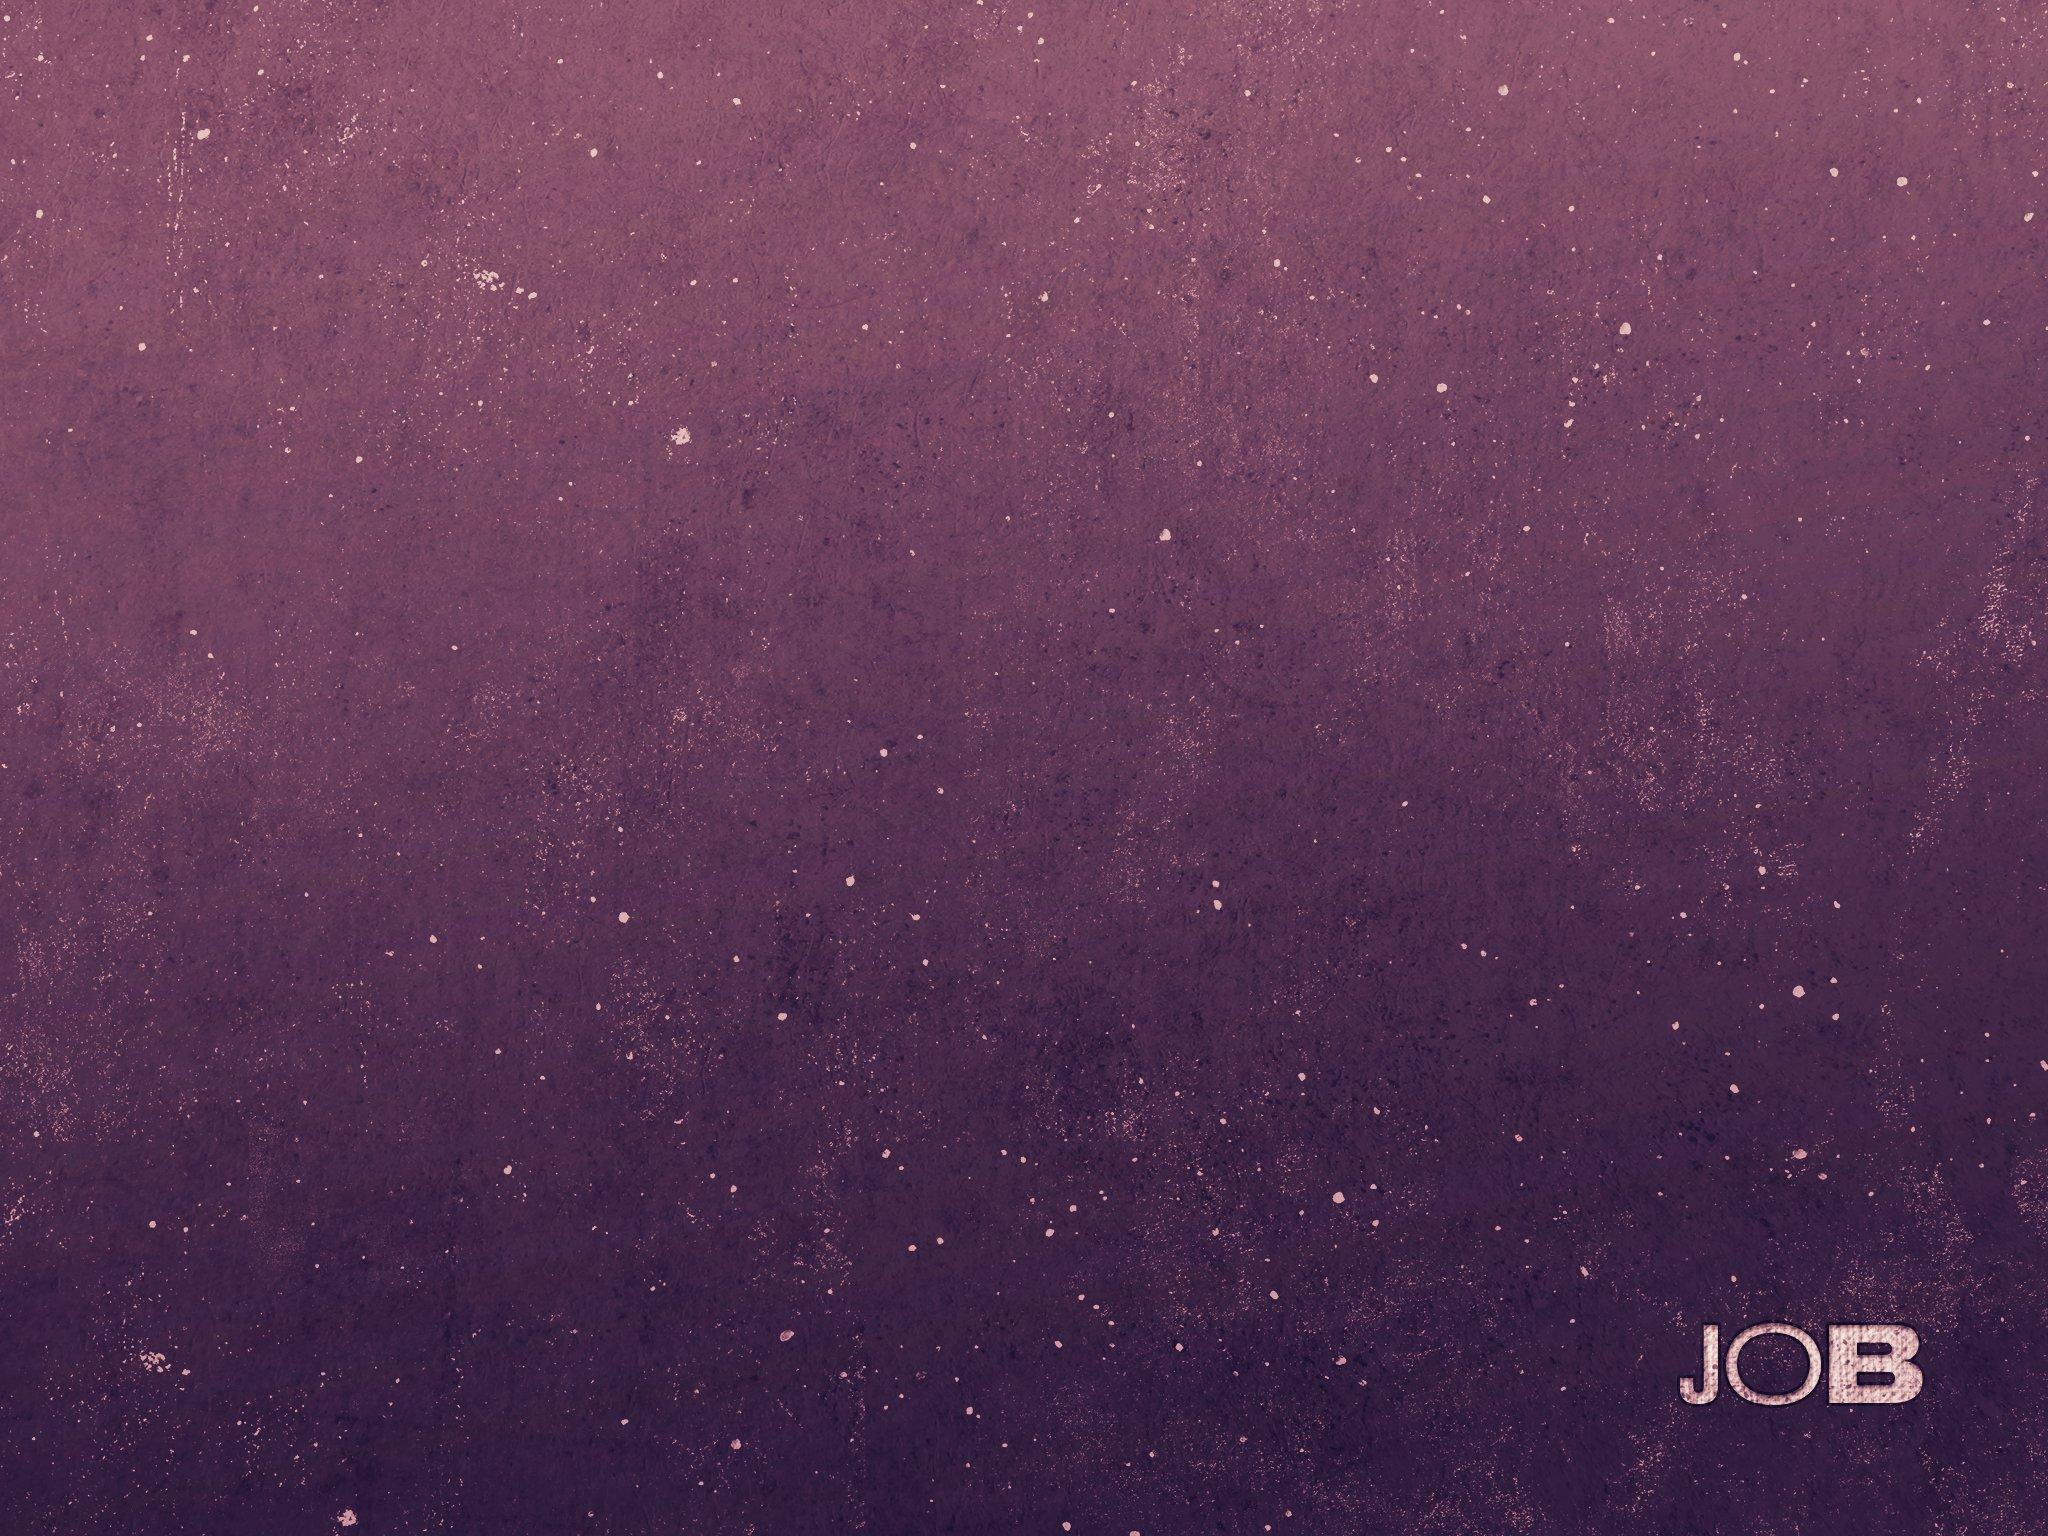 18-Job_Secondary_4x3-fullscreen.jpg